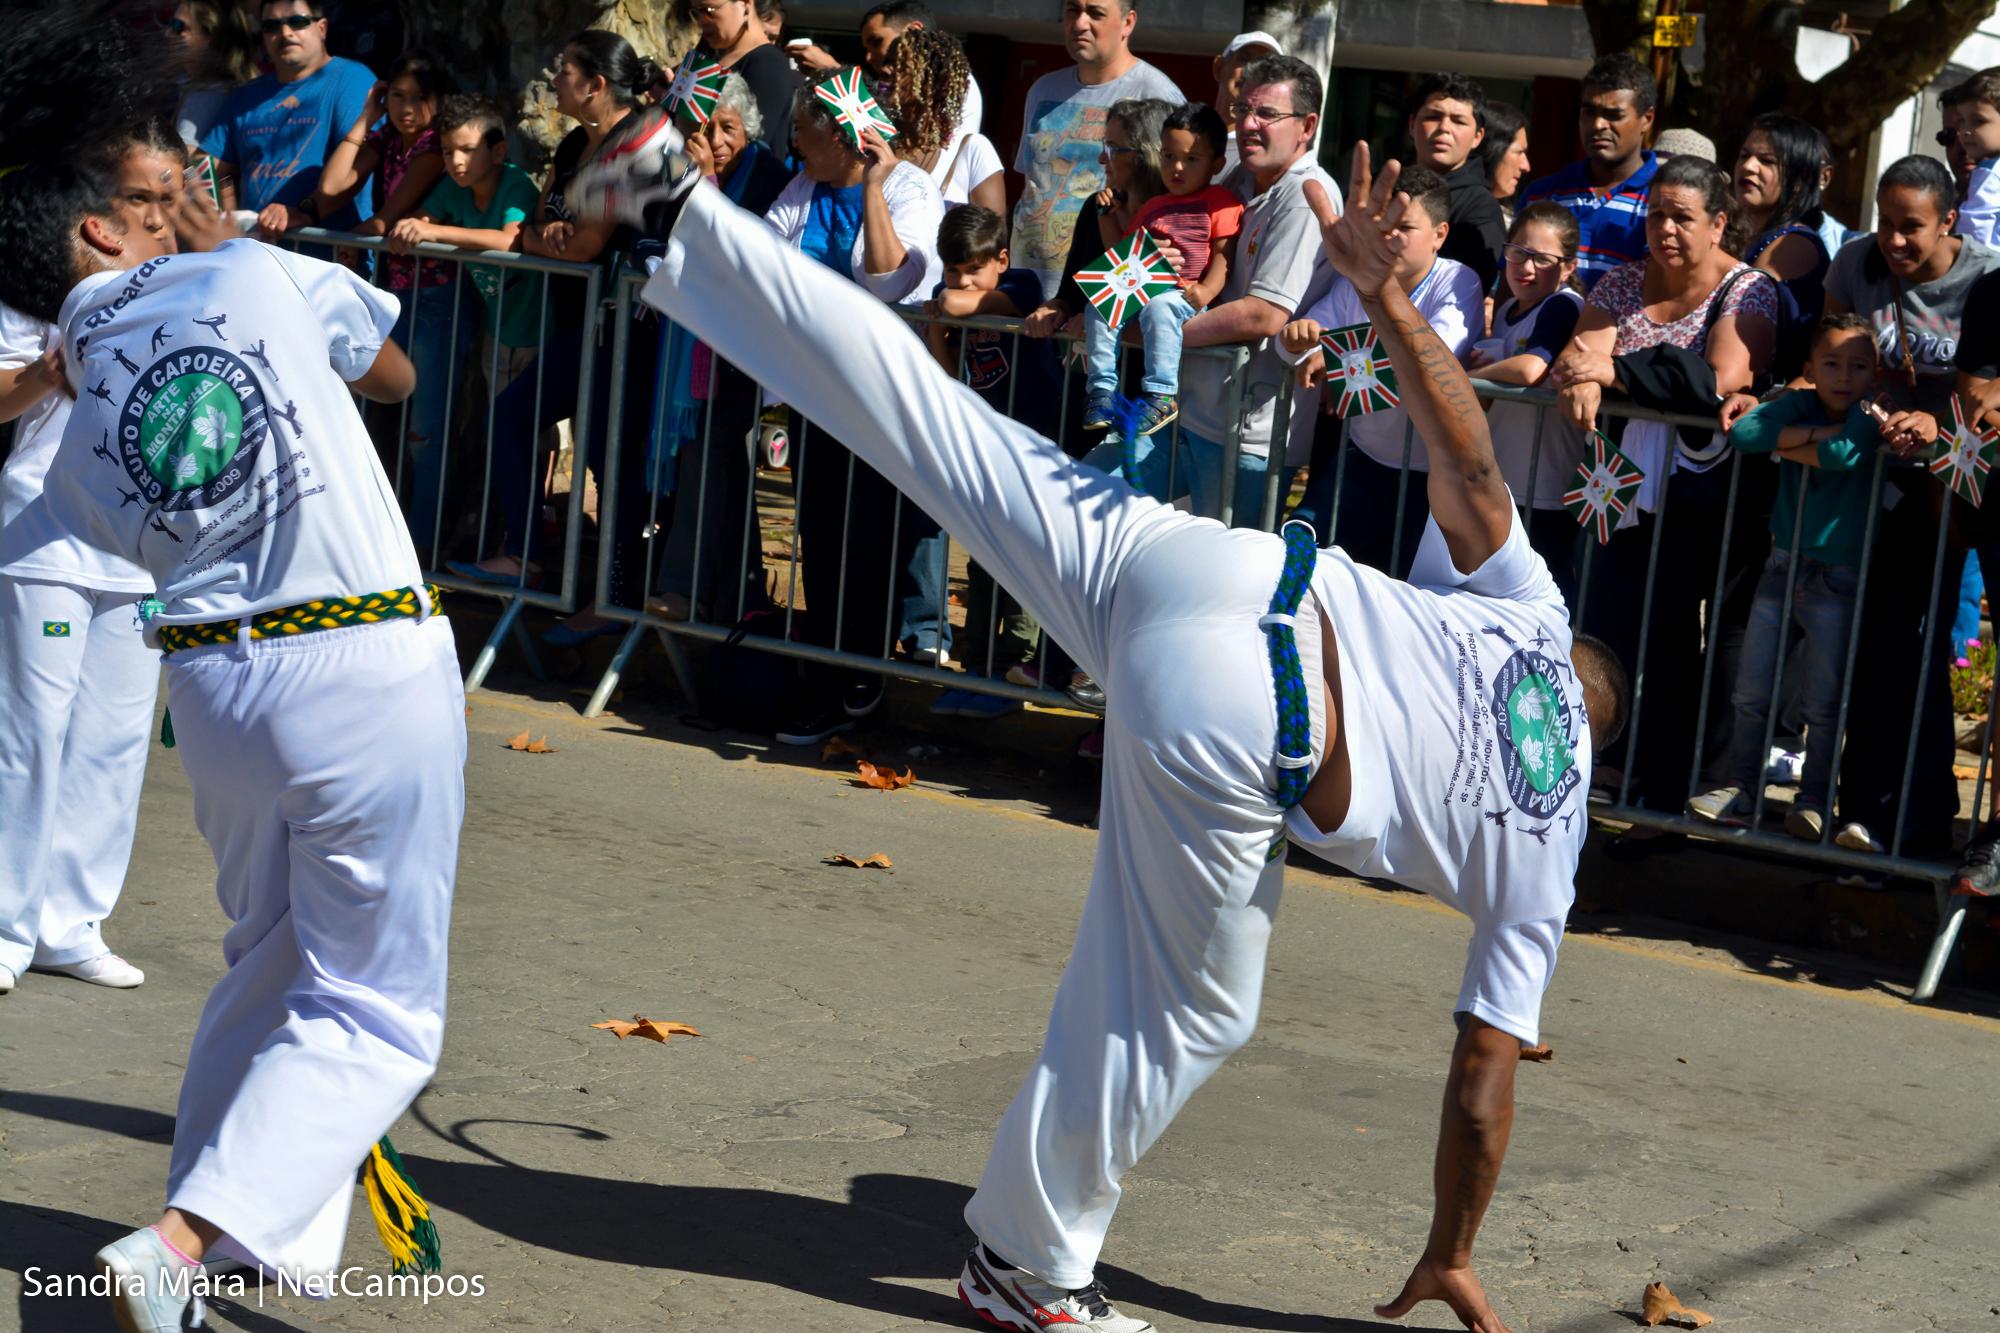 desfile-civico-campos-do-jordao-90